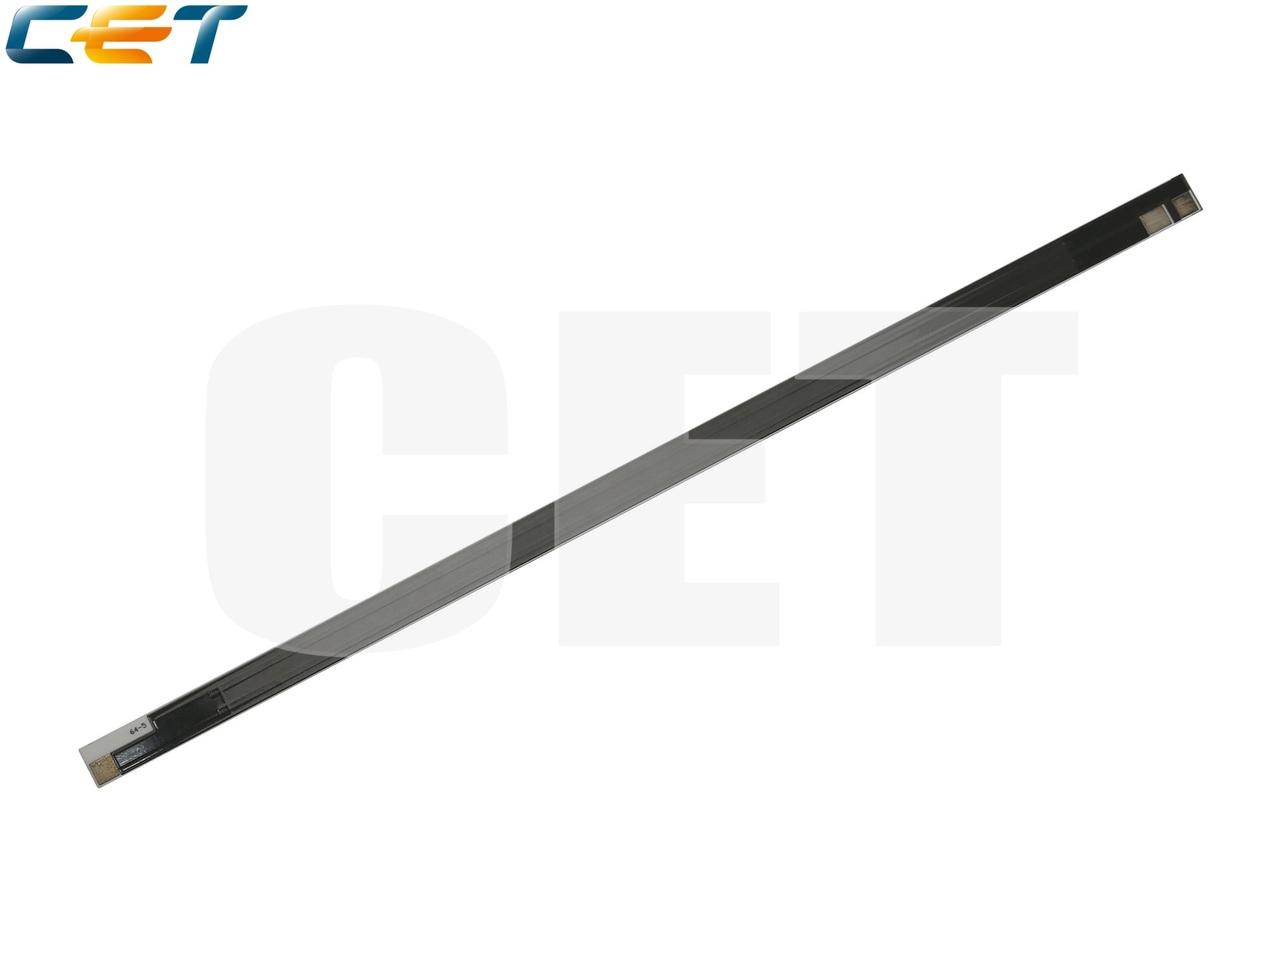 Нагревательный элемент для HP LaserJet Pro MFP M521/M525(CET), CET2731